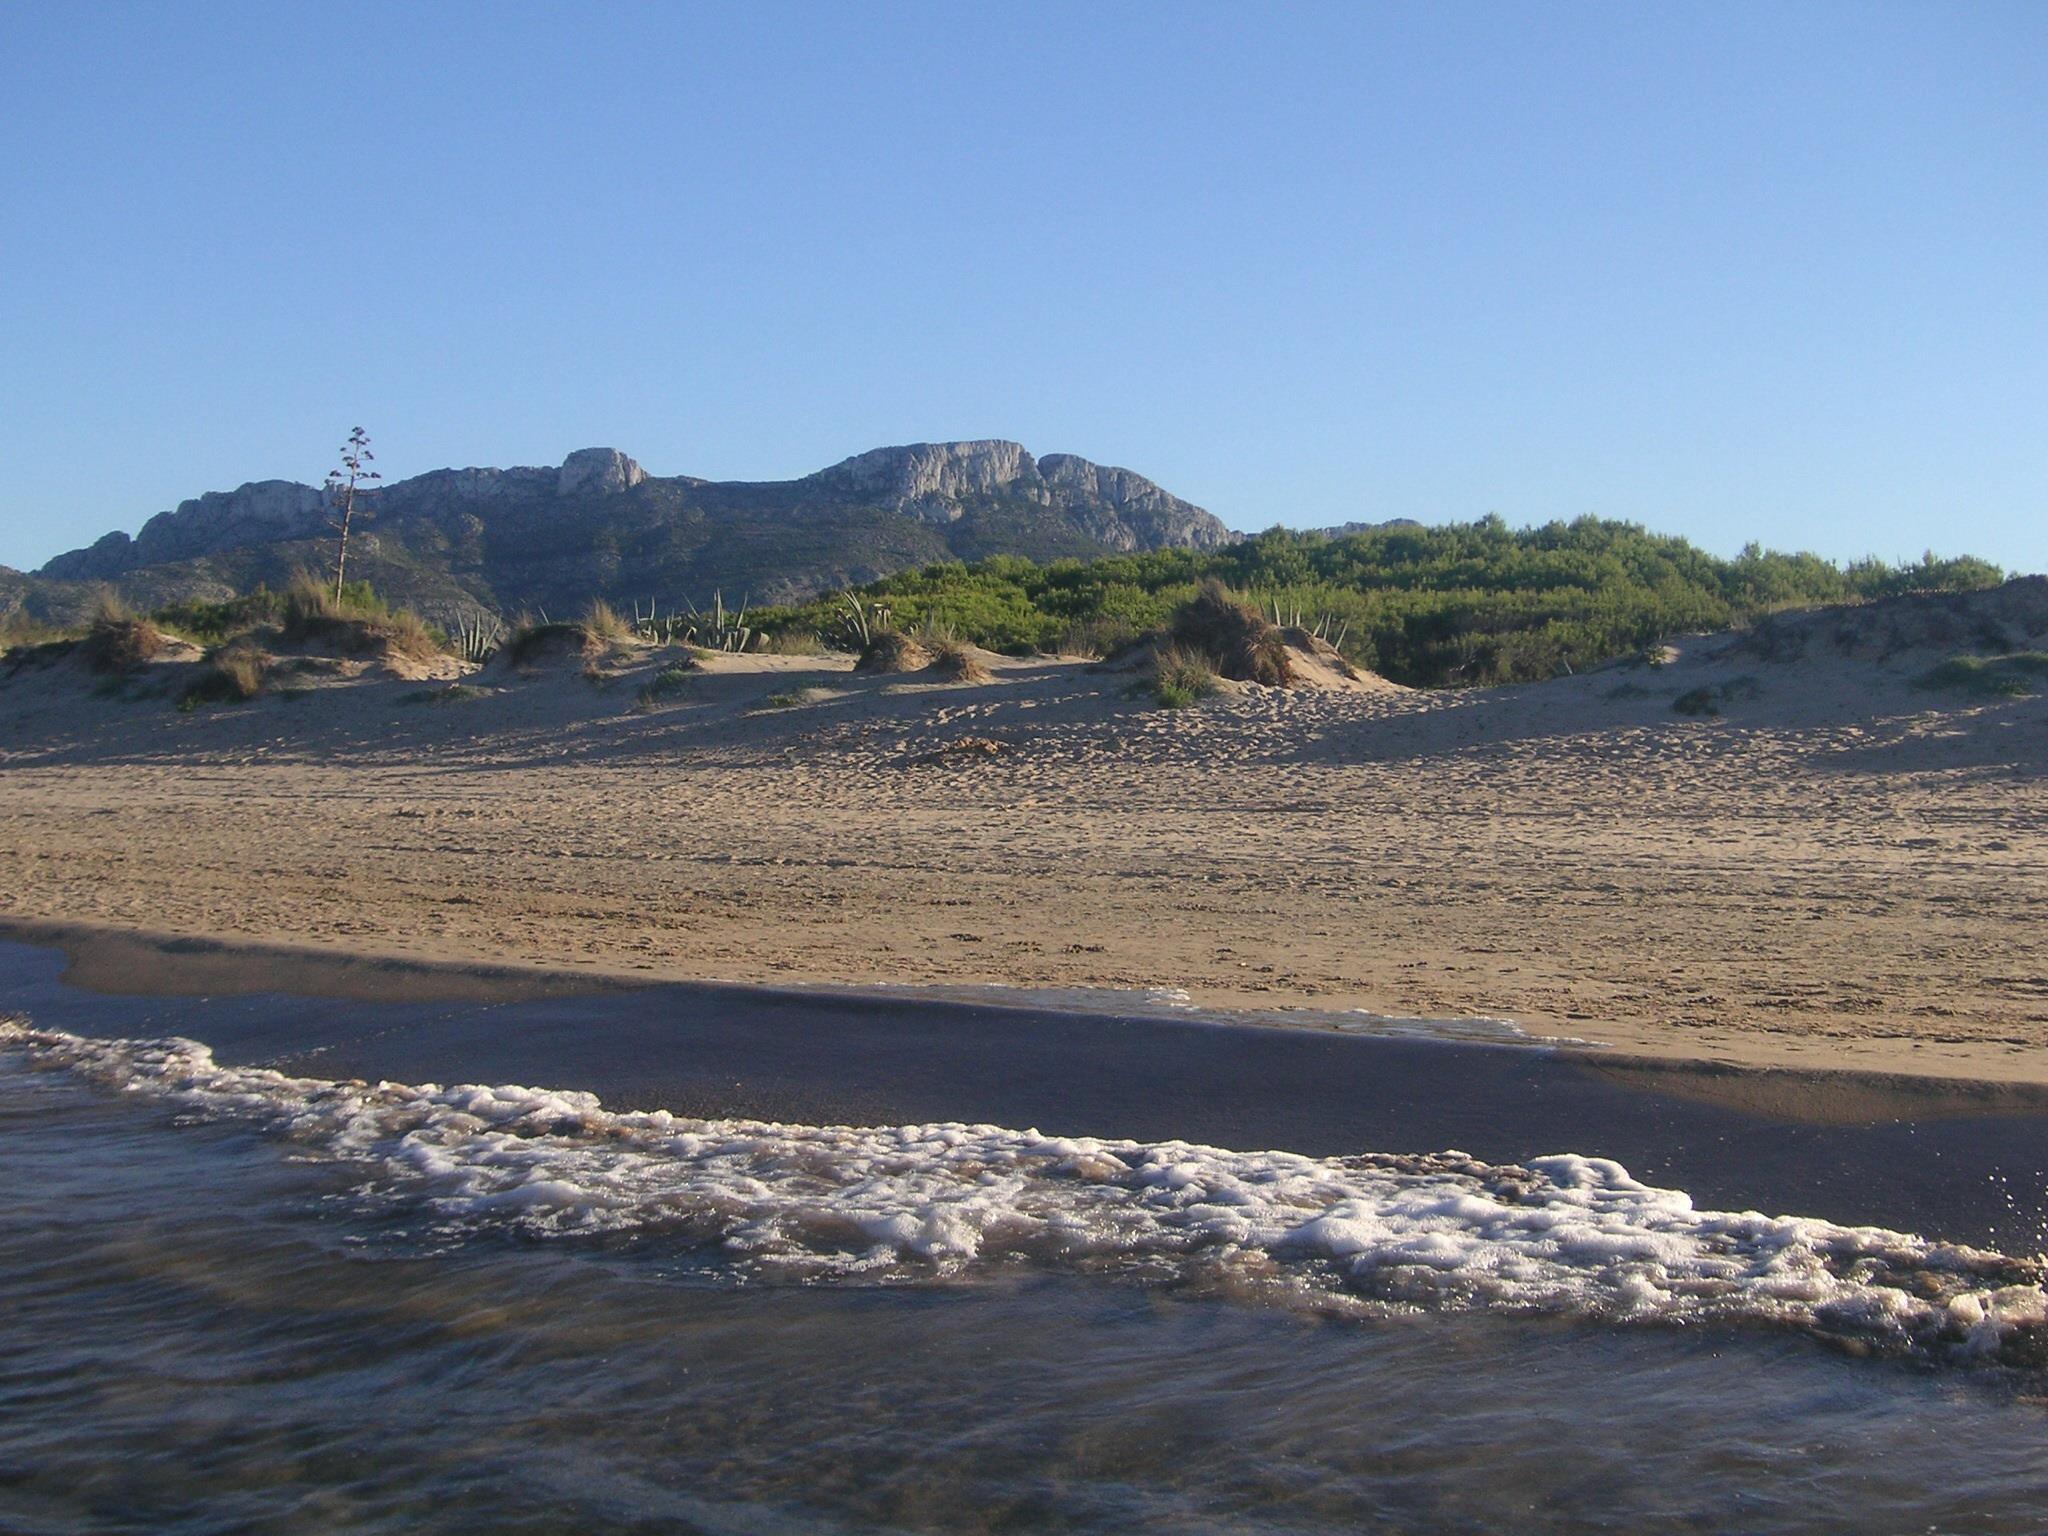 Aan de kust - Casa de la Fuente